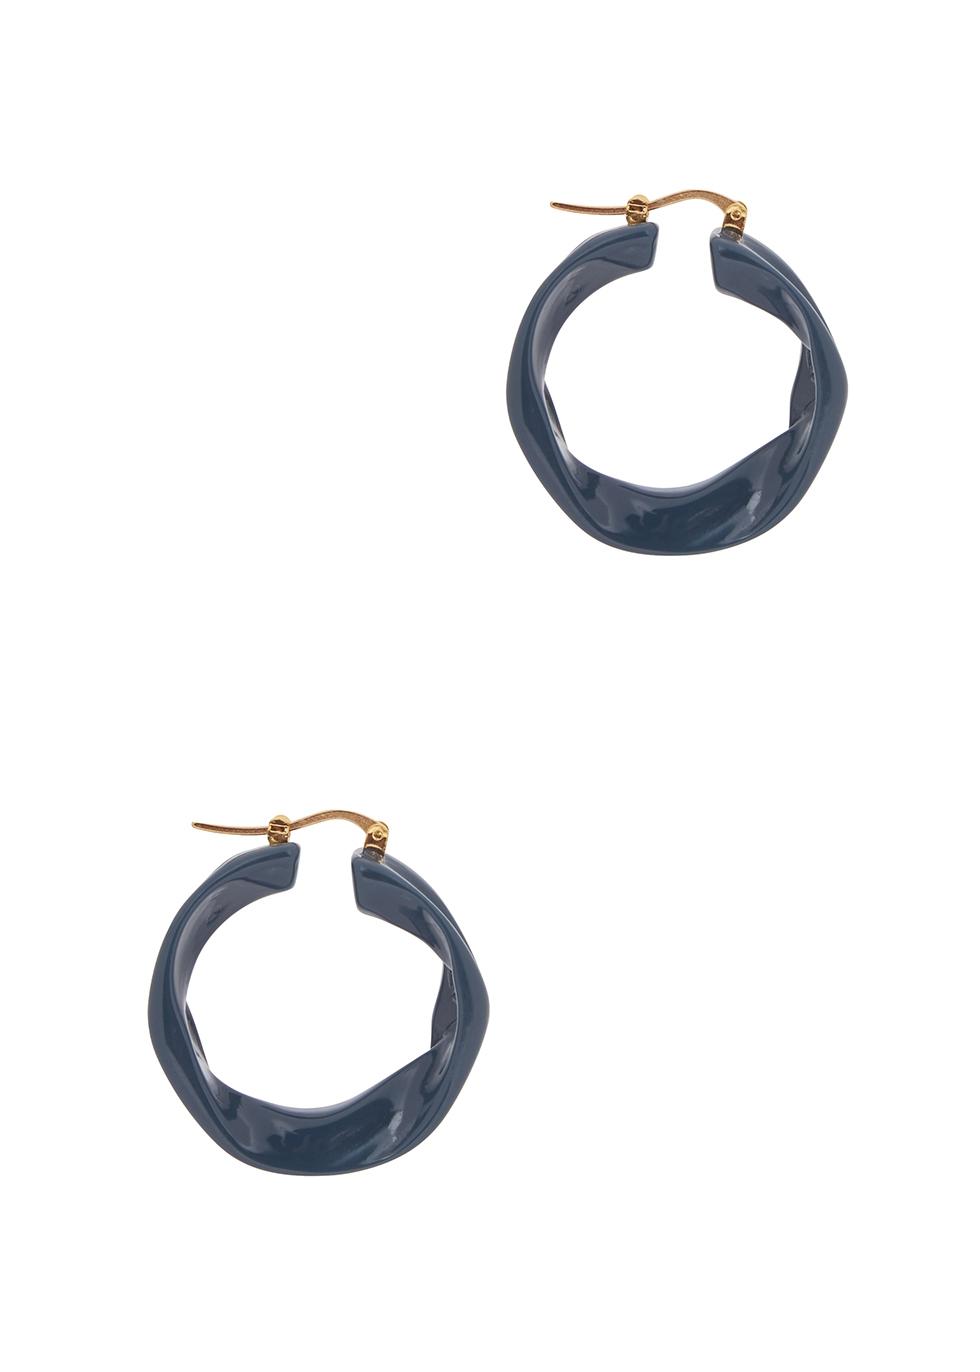 Melting dark teal resin hoop earrings